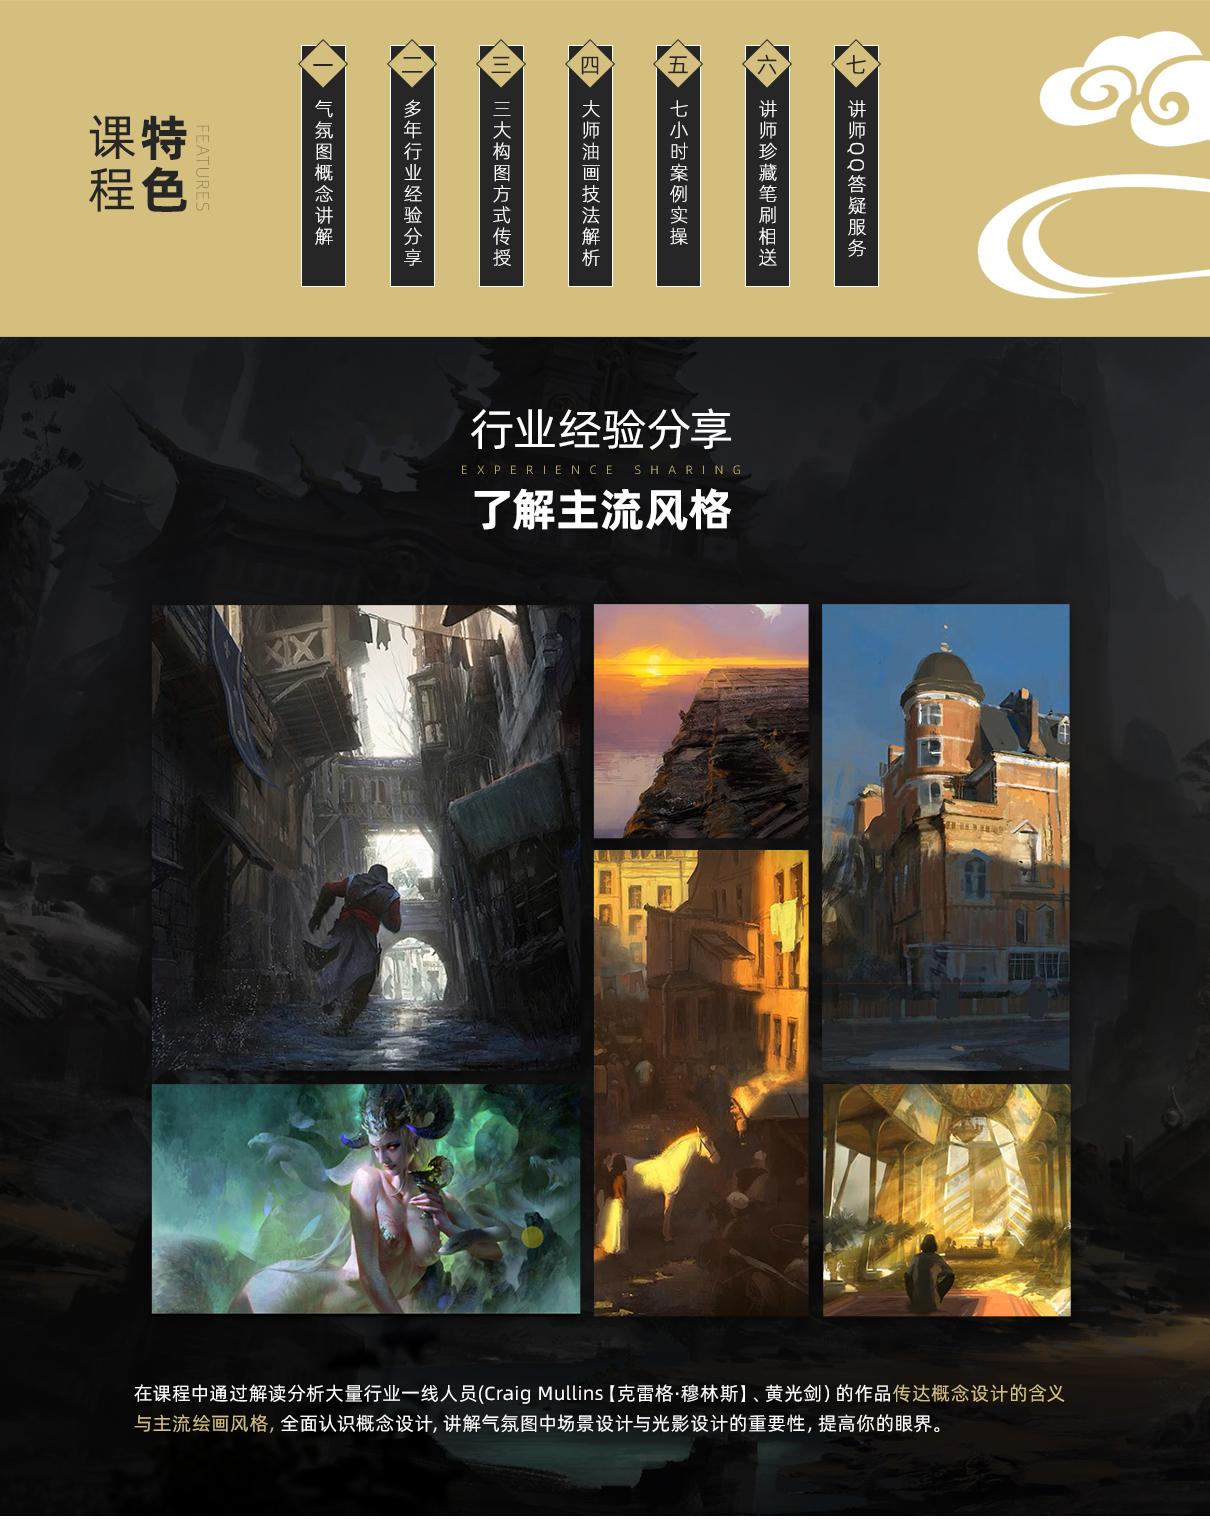 陈毅鹏原画课程1210修改_03.jpg